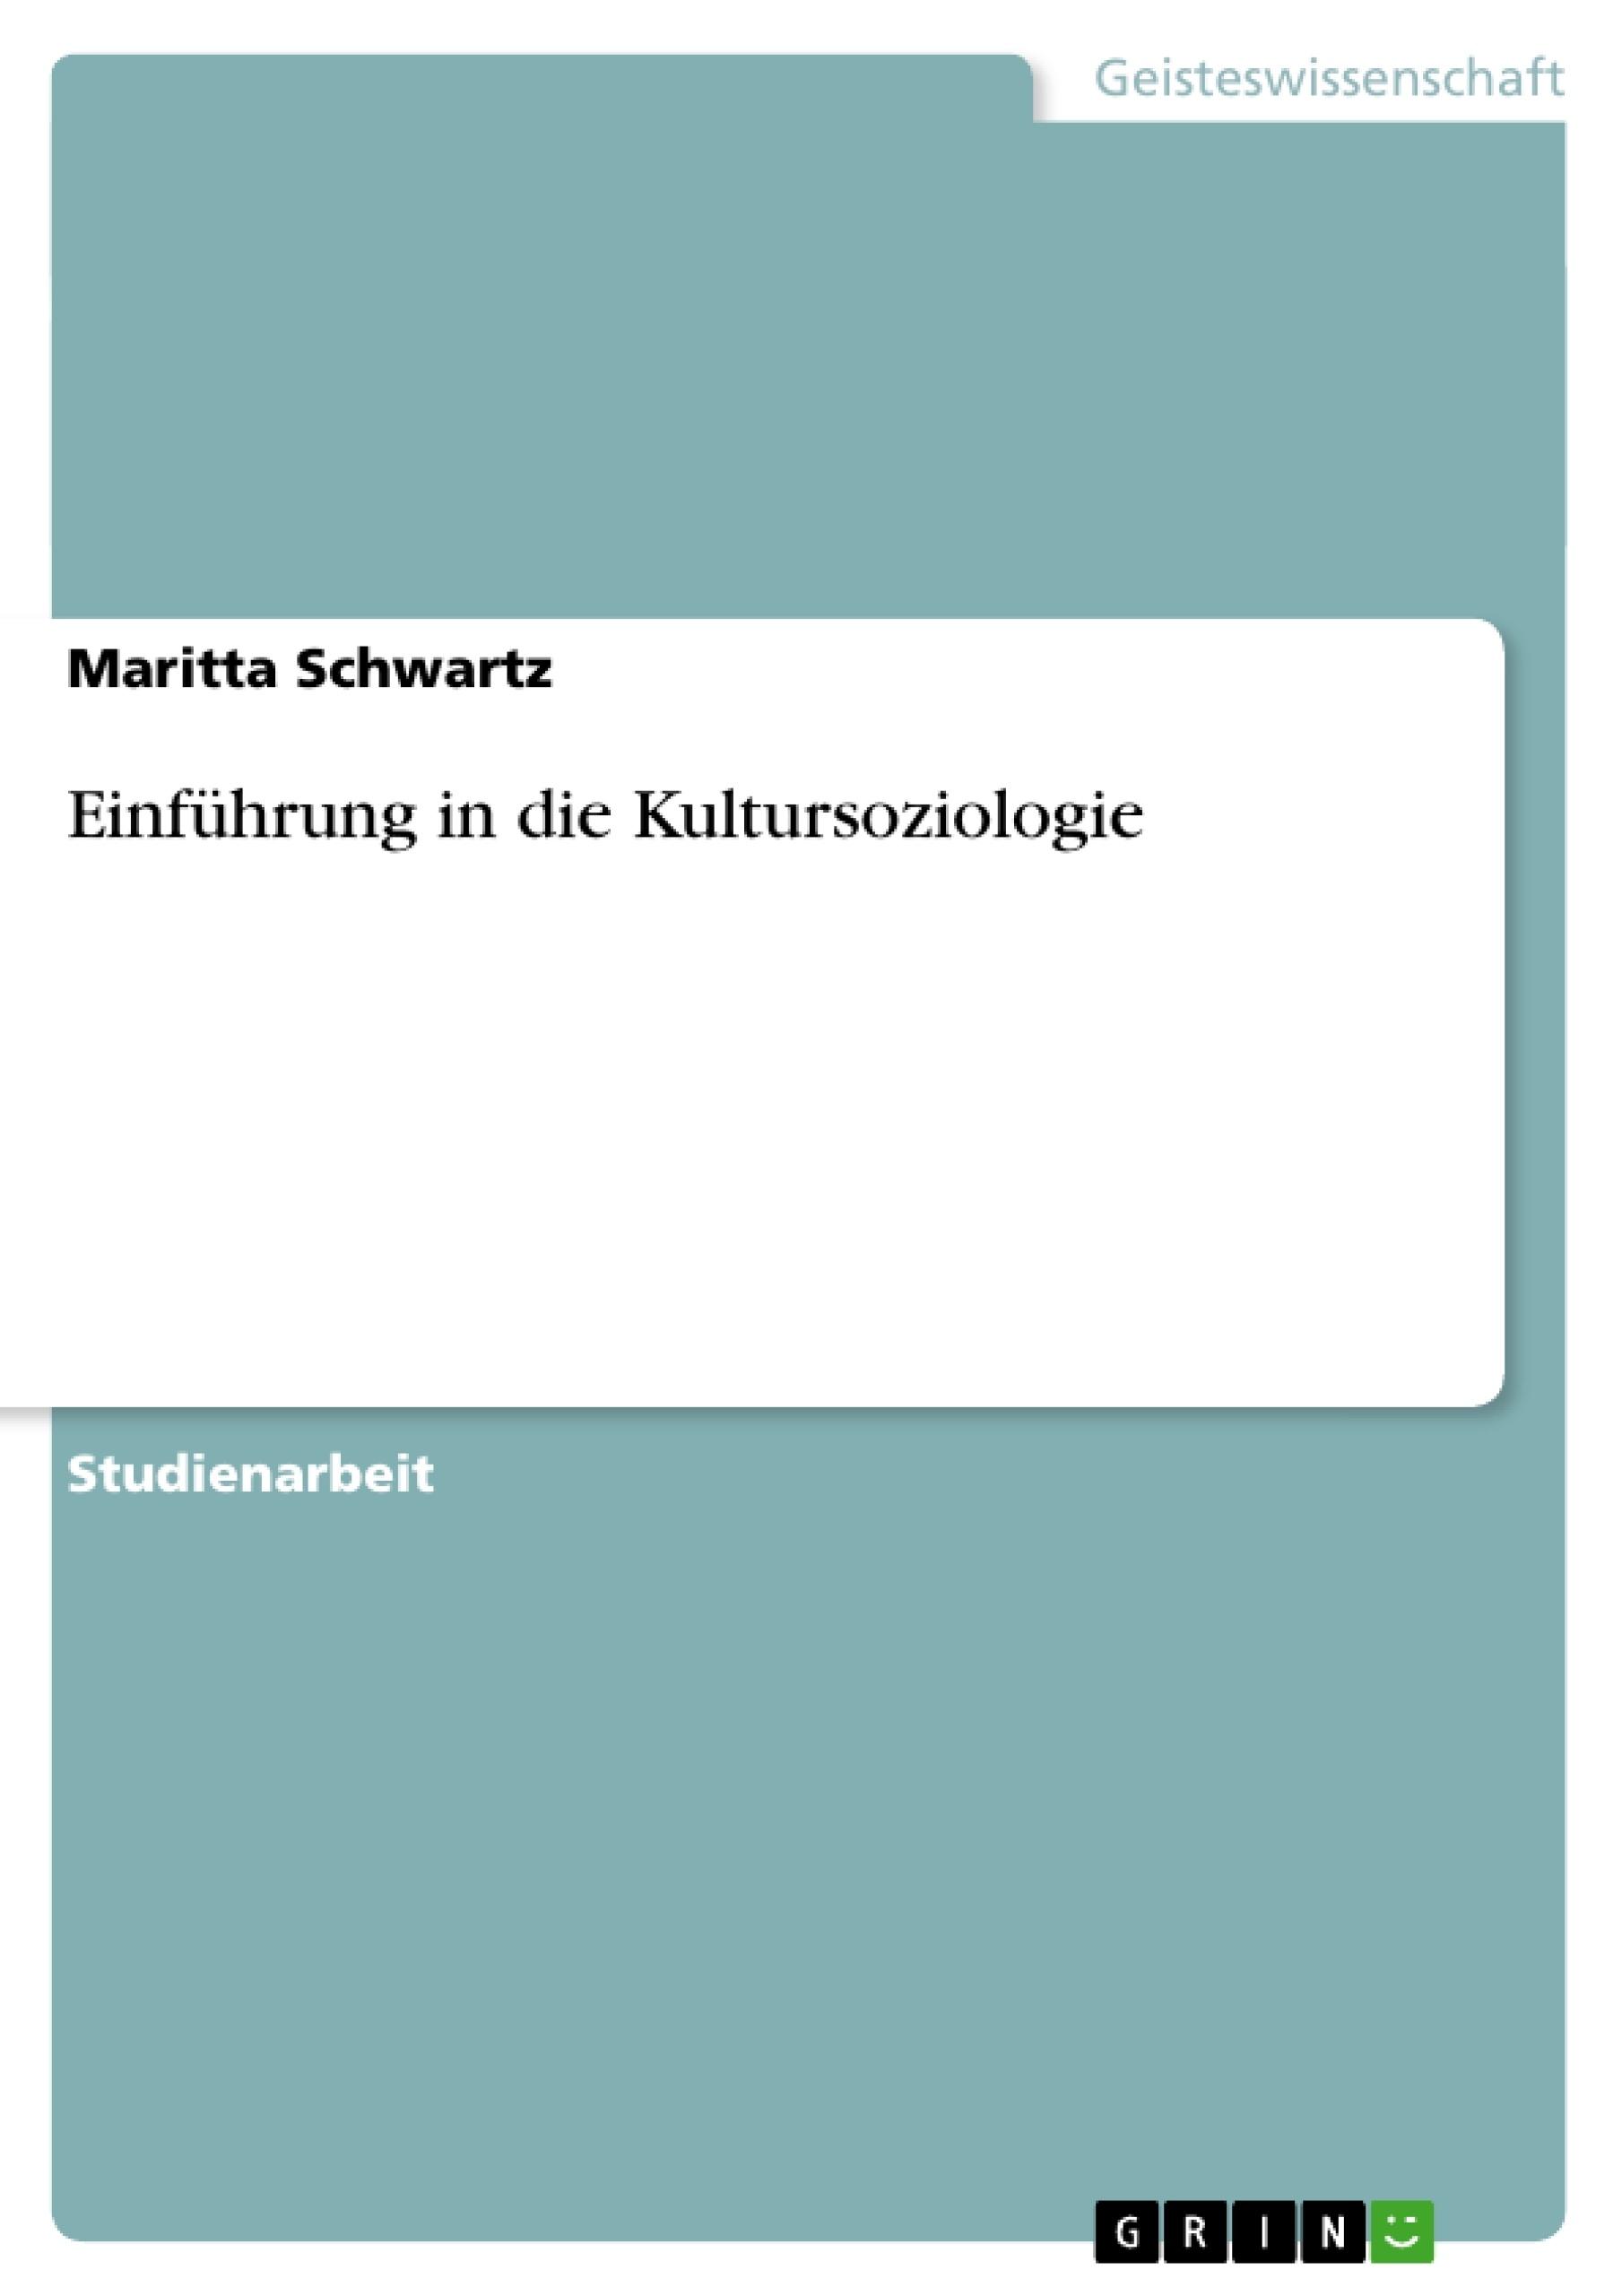 Titel: Einführung in die Kultursoziologie